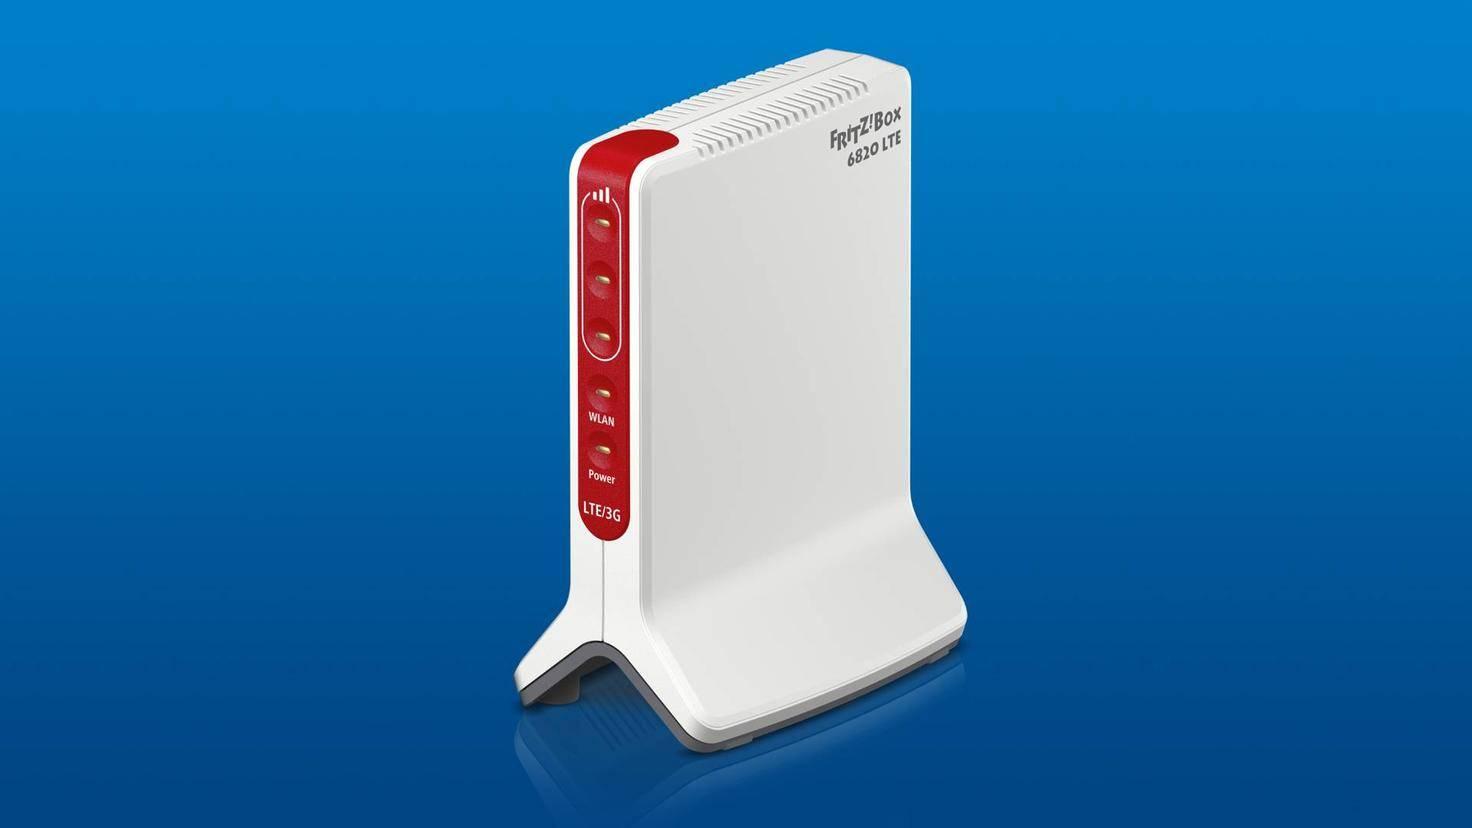 Die Fritzbox 6820 LTE ist als reiner LTE-Router leider deutlich schwächer ausgestattet als ihr großer Bruder.